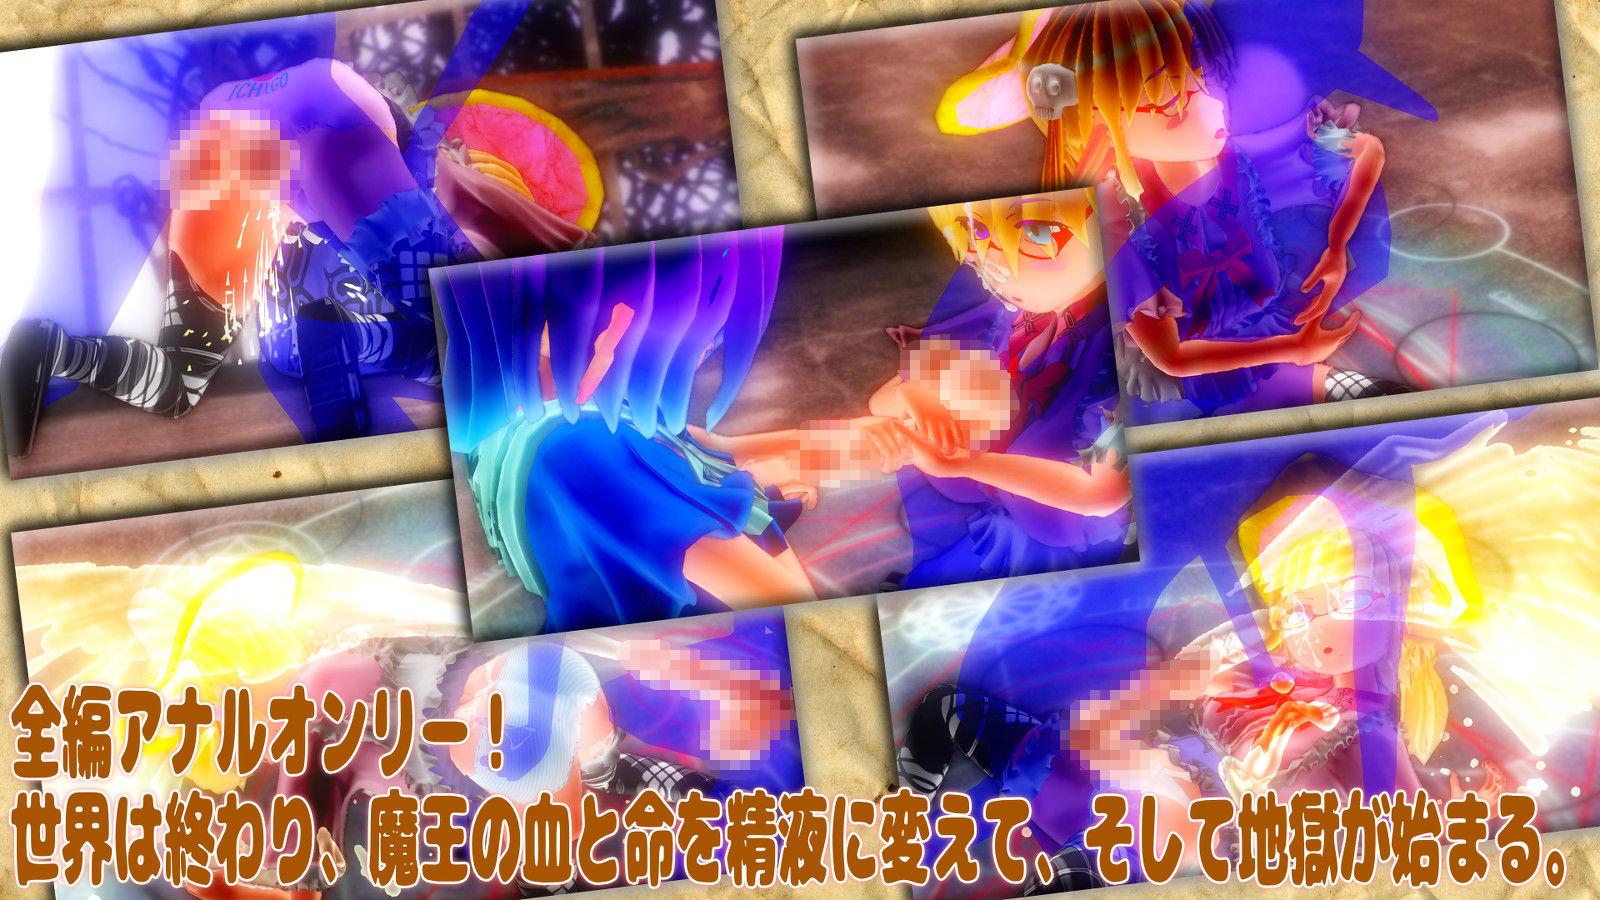 東の森の魔女2 VS 魔王 -終宴する世界と肛虐(逆)の魔女たち-のサンプル画像001